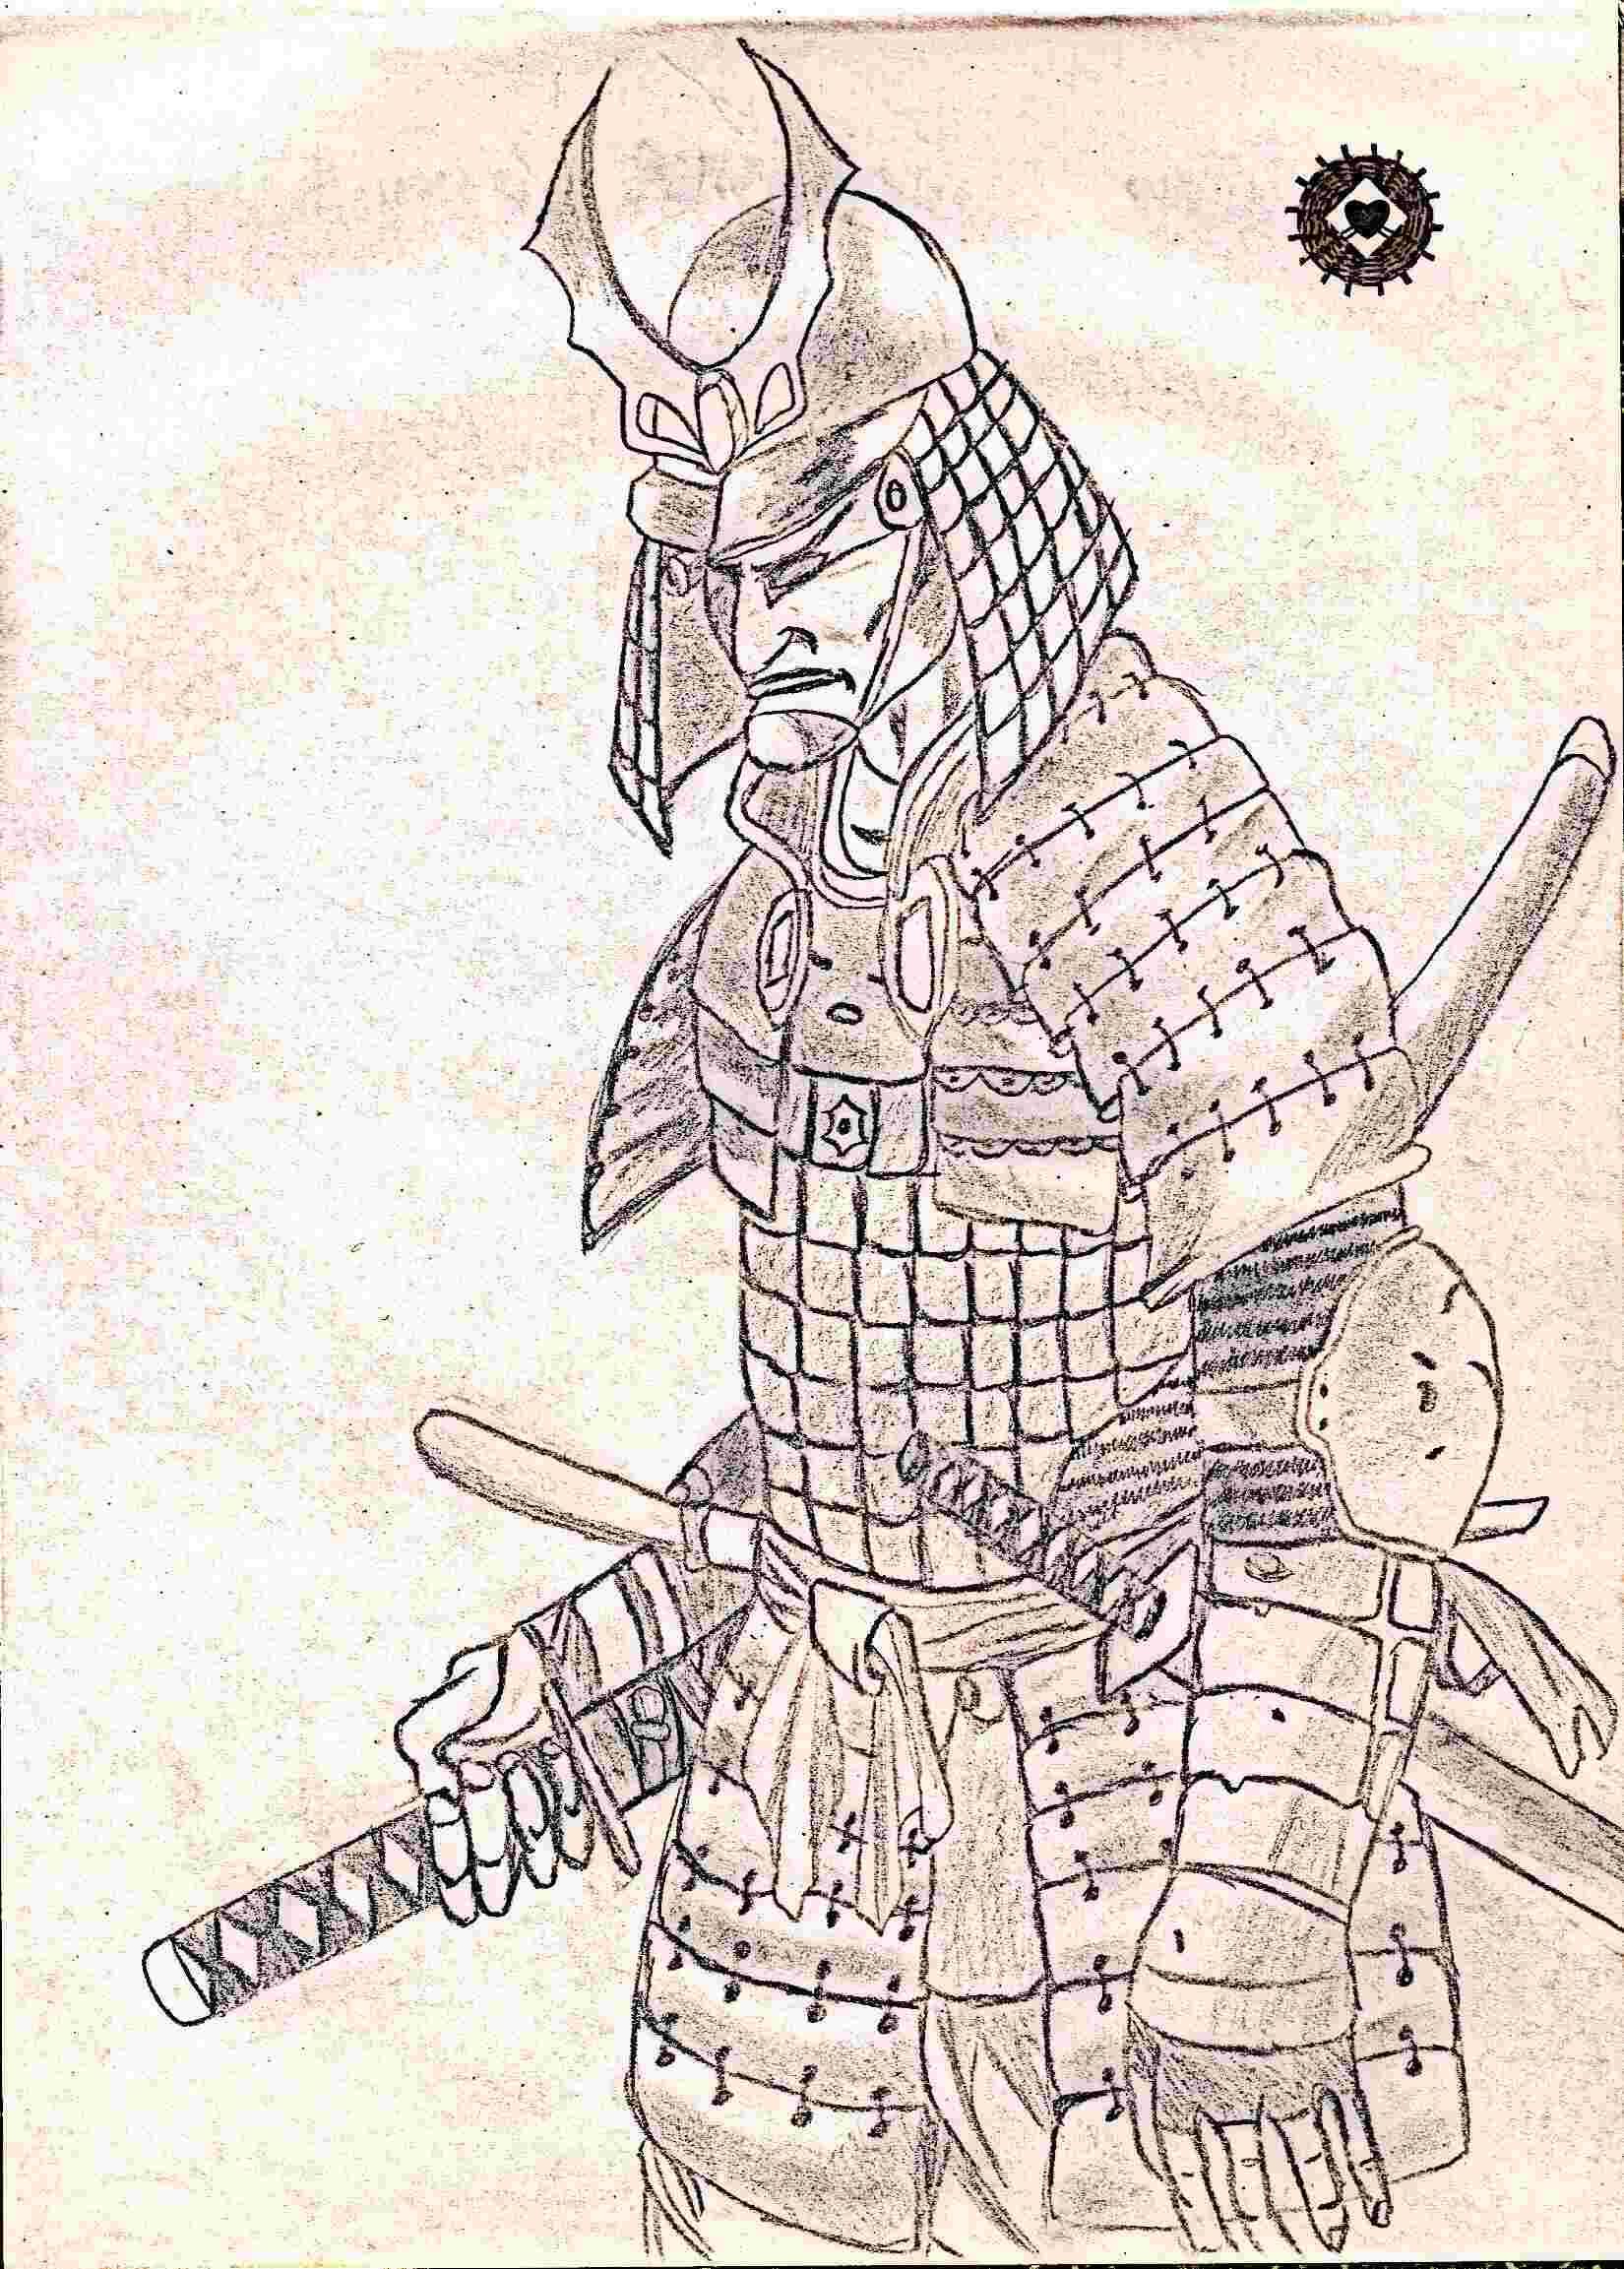 Drawn samurai samurai warrior Traditional pre who in a